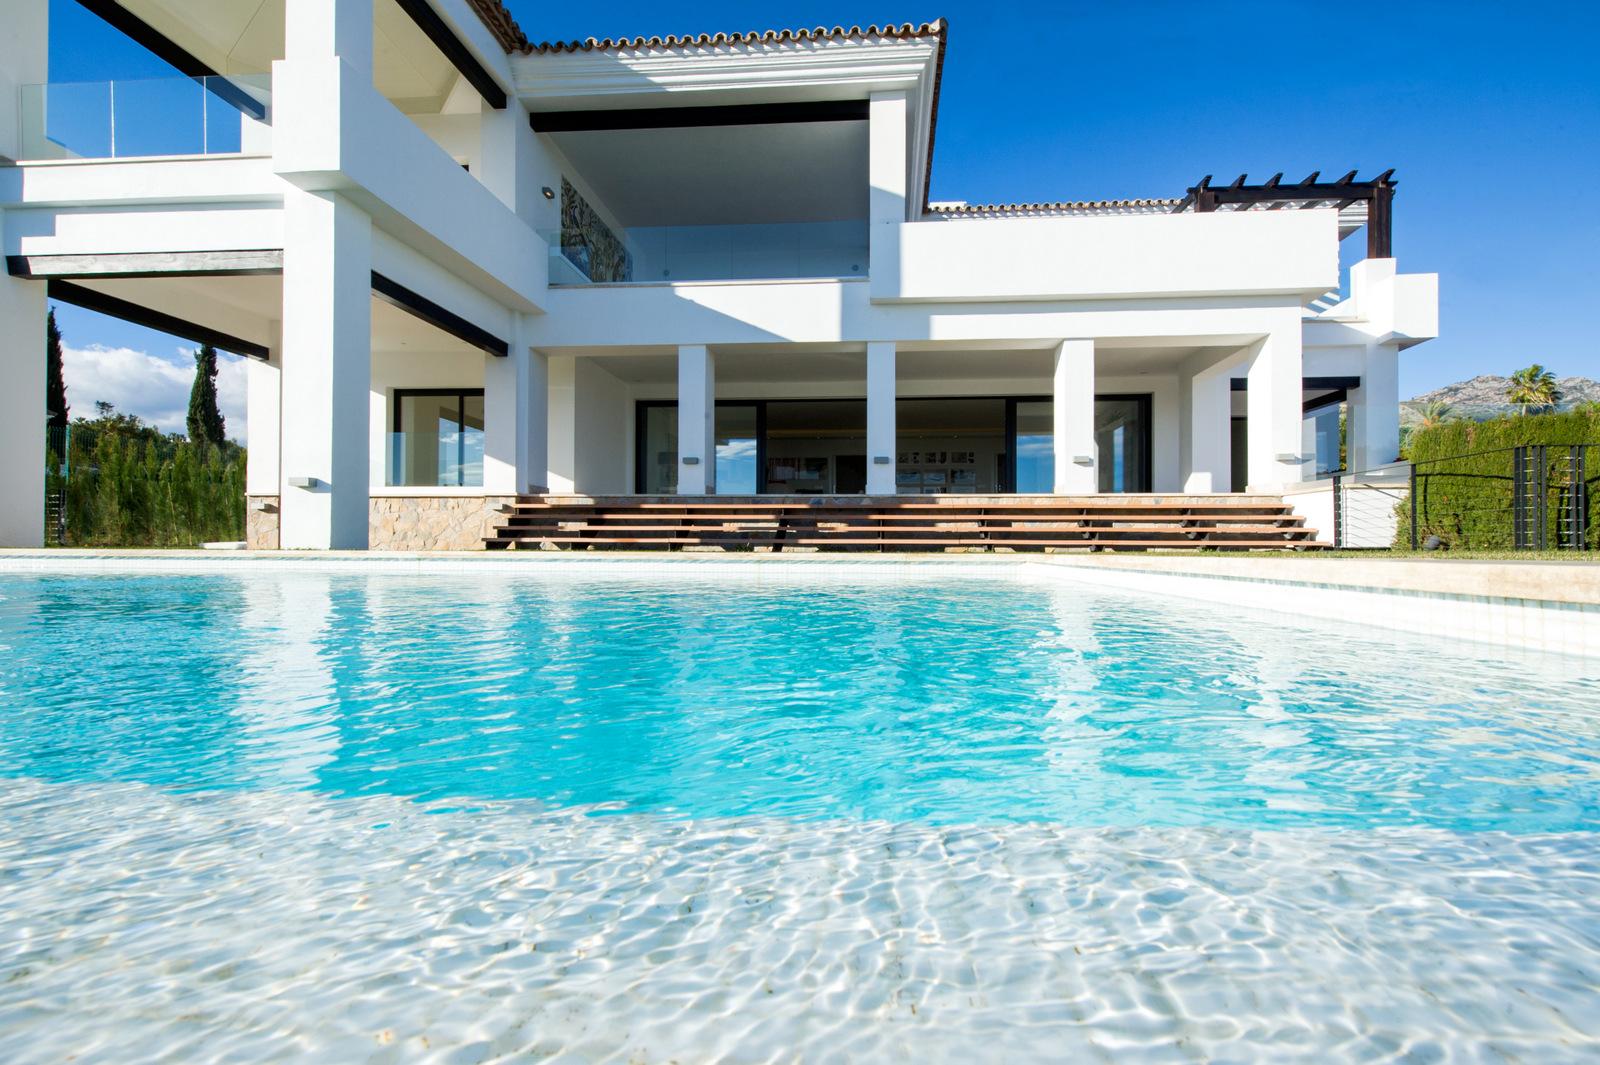 Villa moderna en Marbella